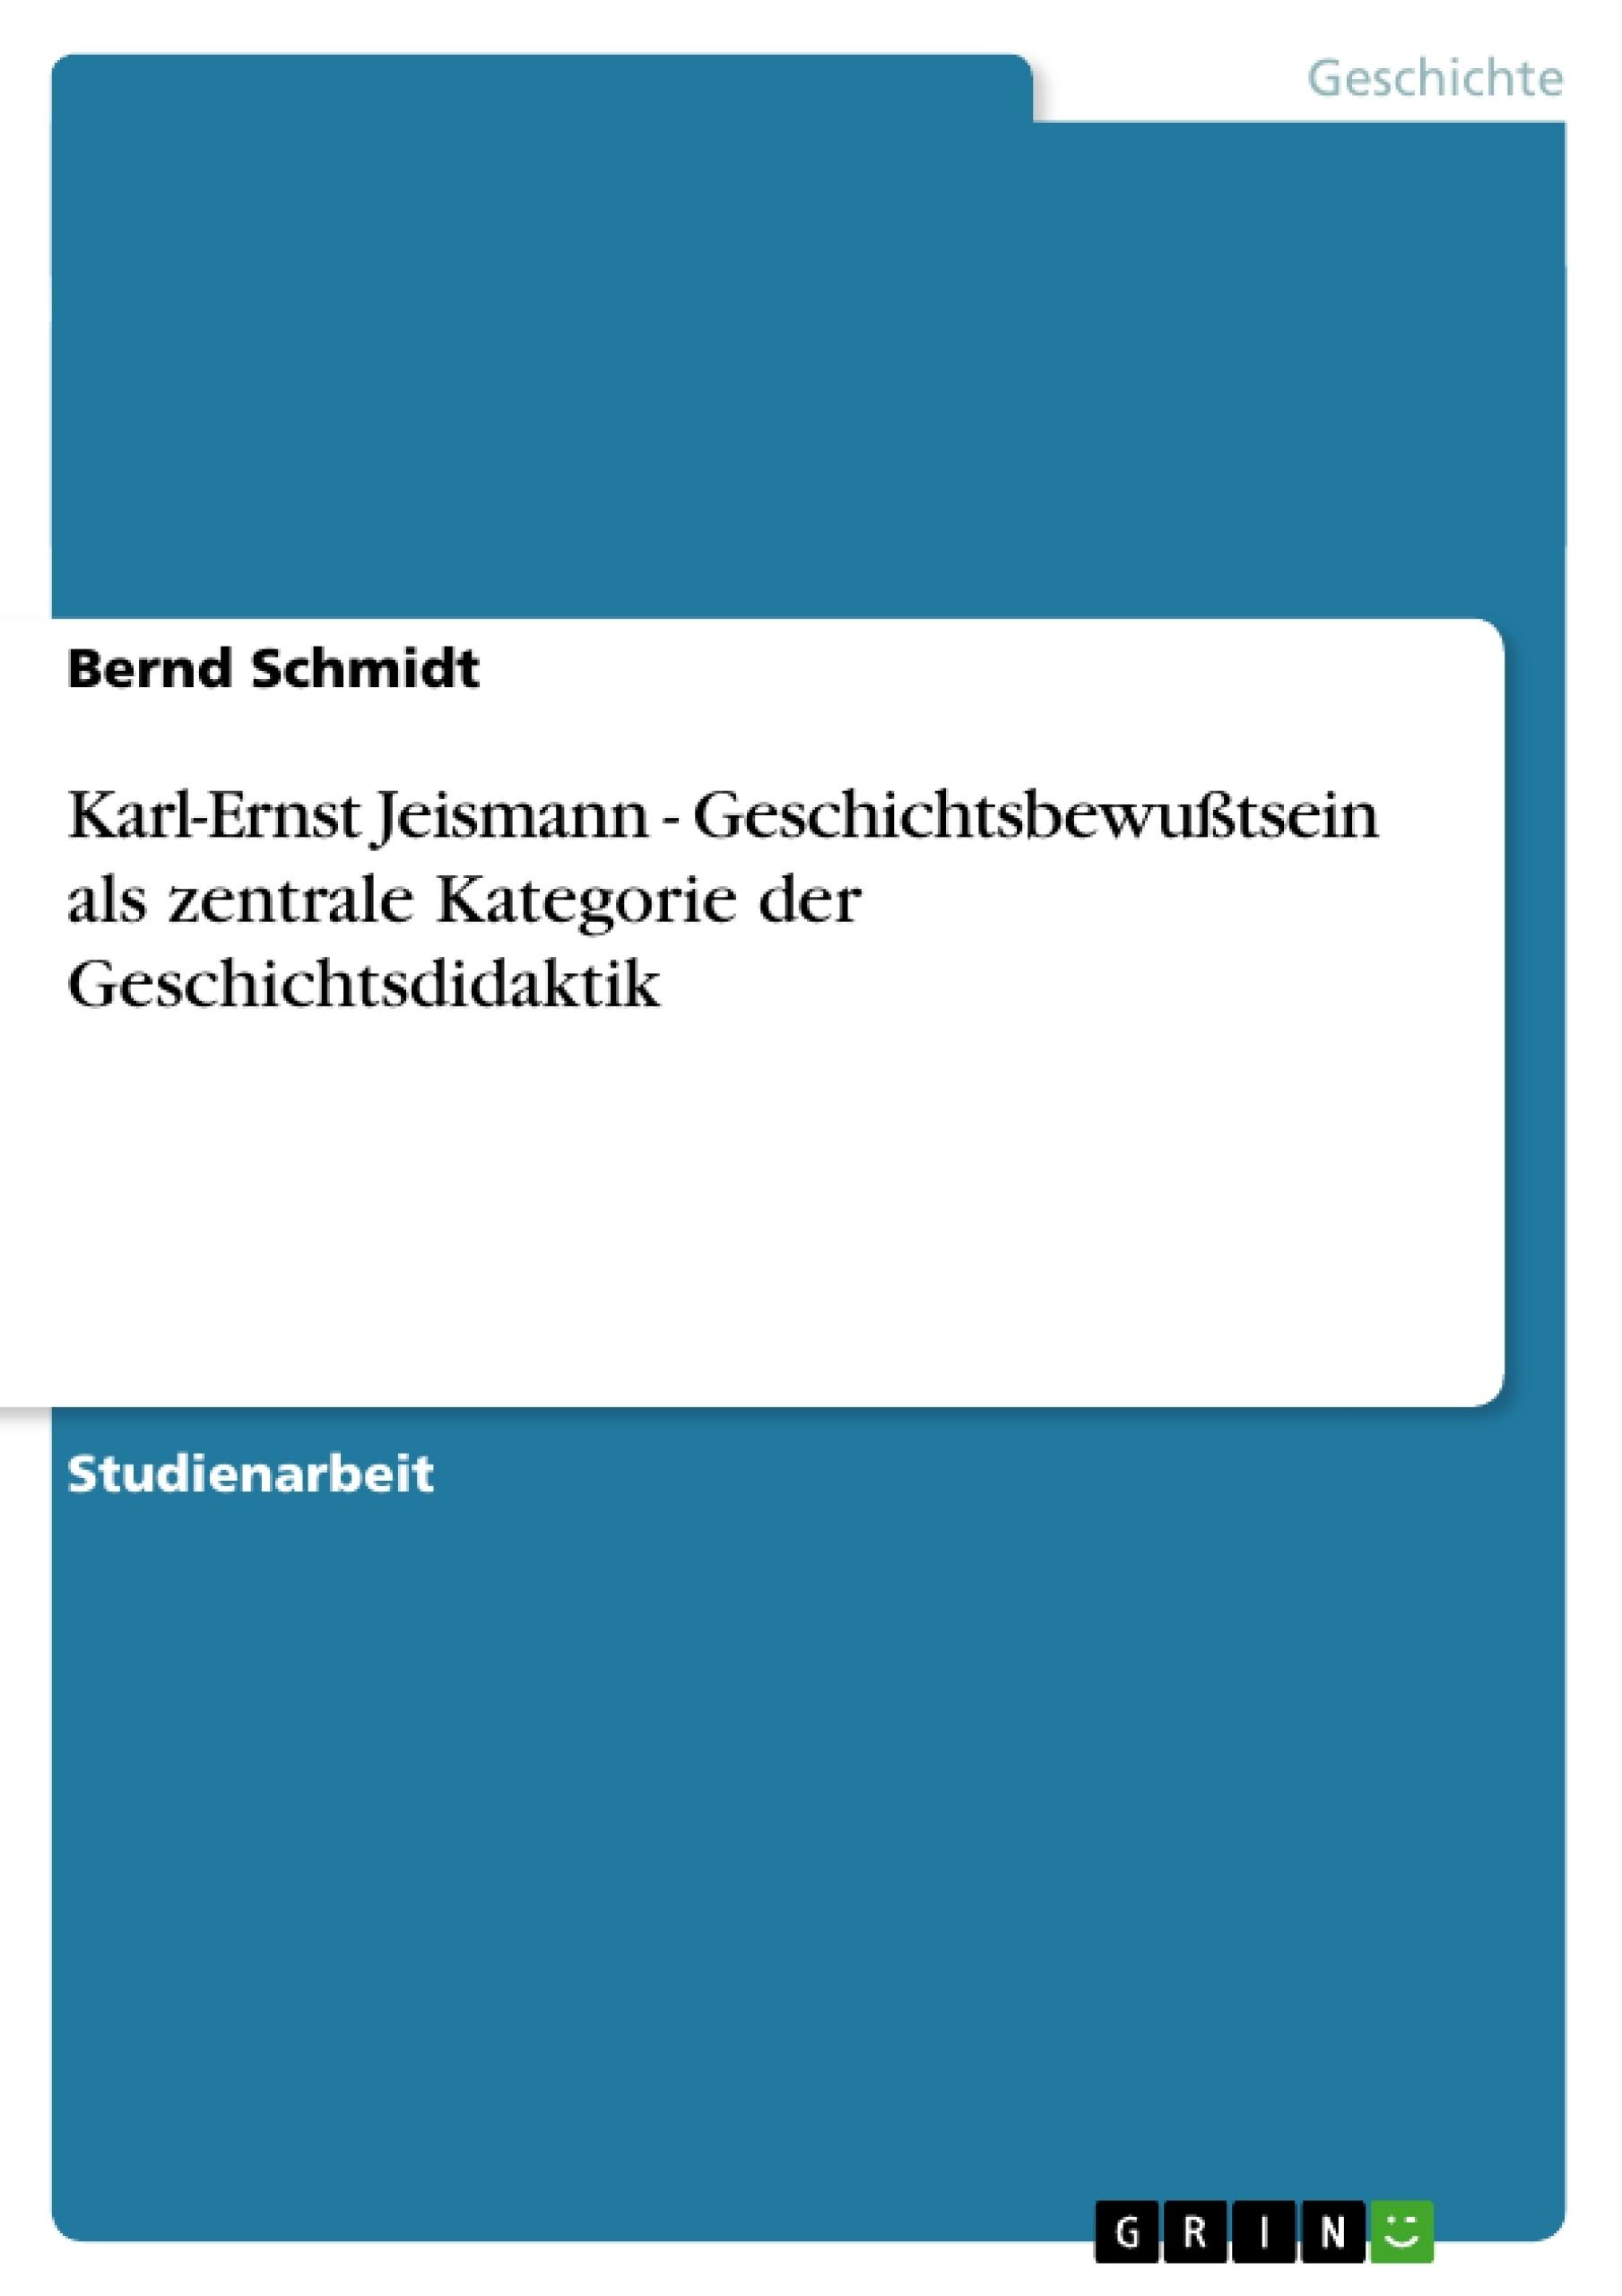 Titel: Karl-Ernst Jeismann - Geschichtsbewußtsein als zentrale Kategorie der Geschichtsdidaktik